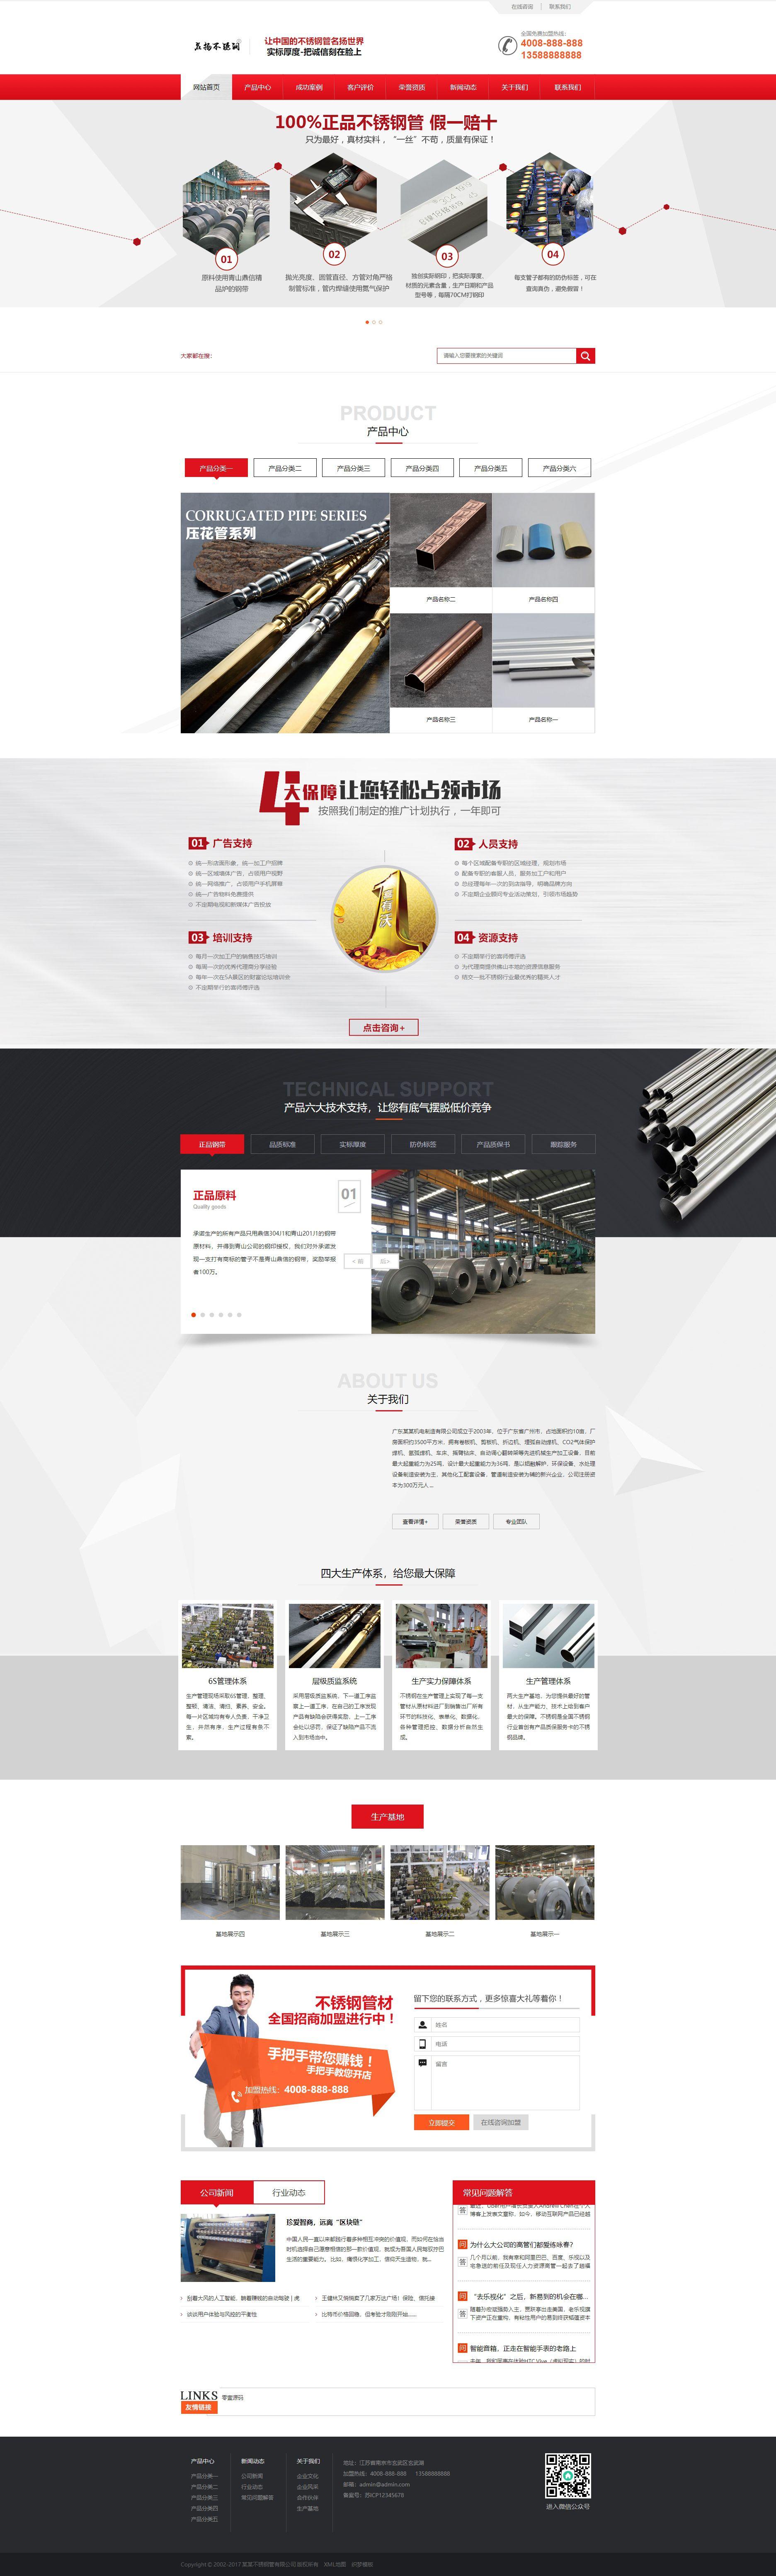 营销型不锈钢钢材钢管类企业织梦dedecms模板